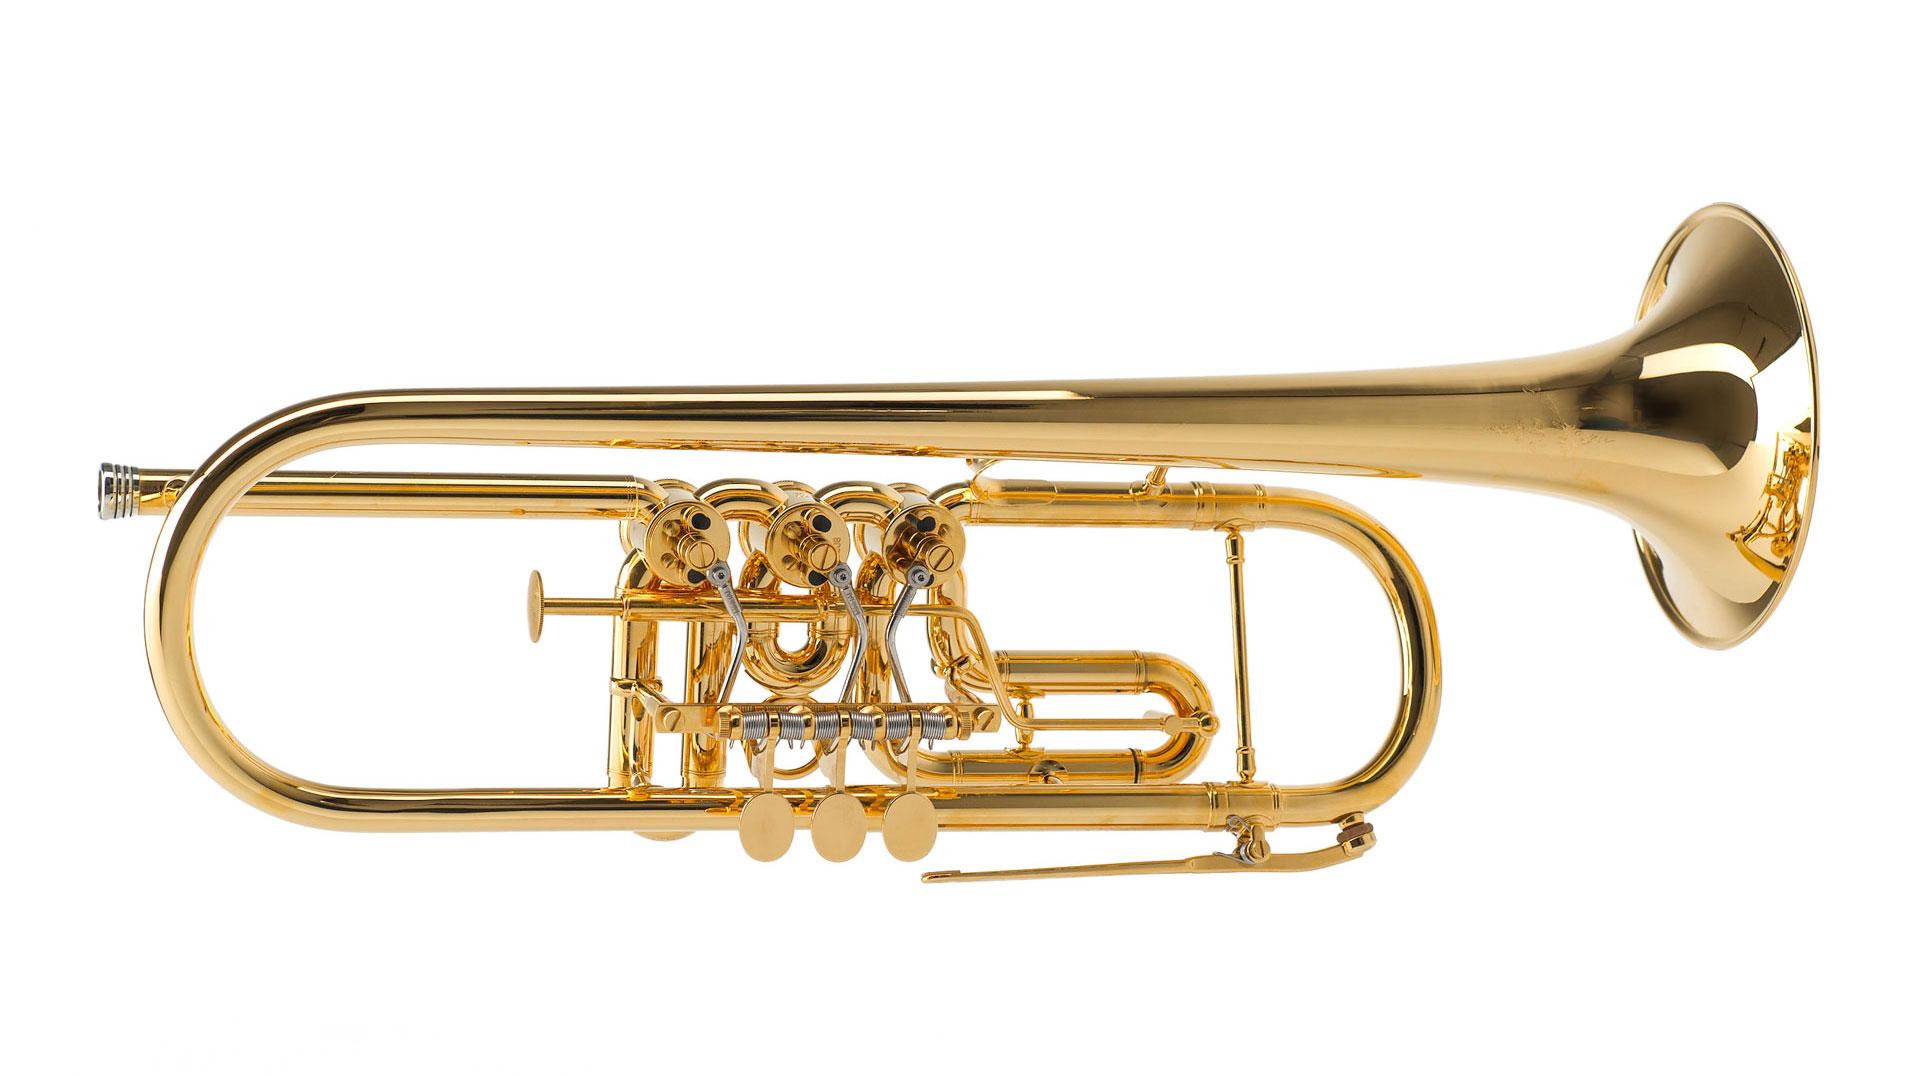 Oberrauch B-Trompete -Überetsch 11,20-, Vergoldet in Trompete Bilder